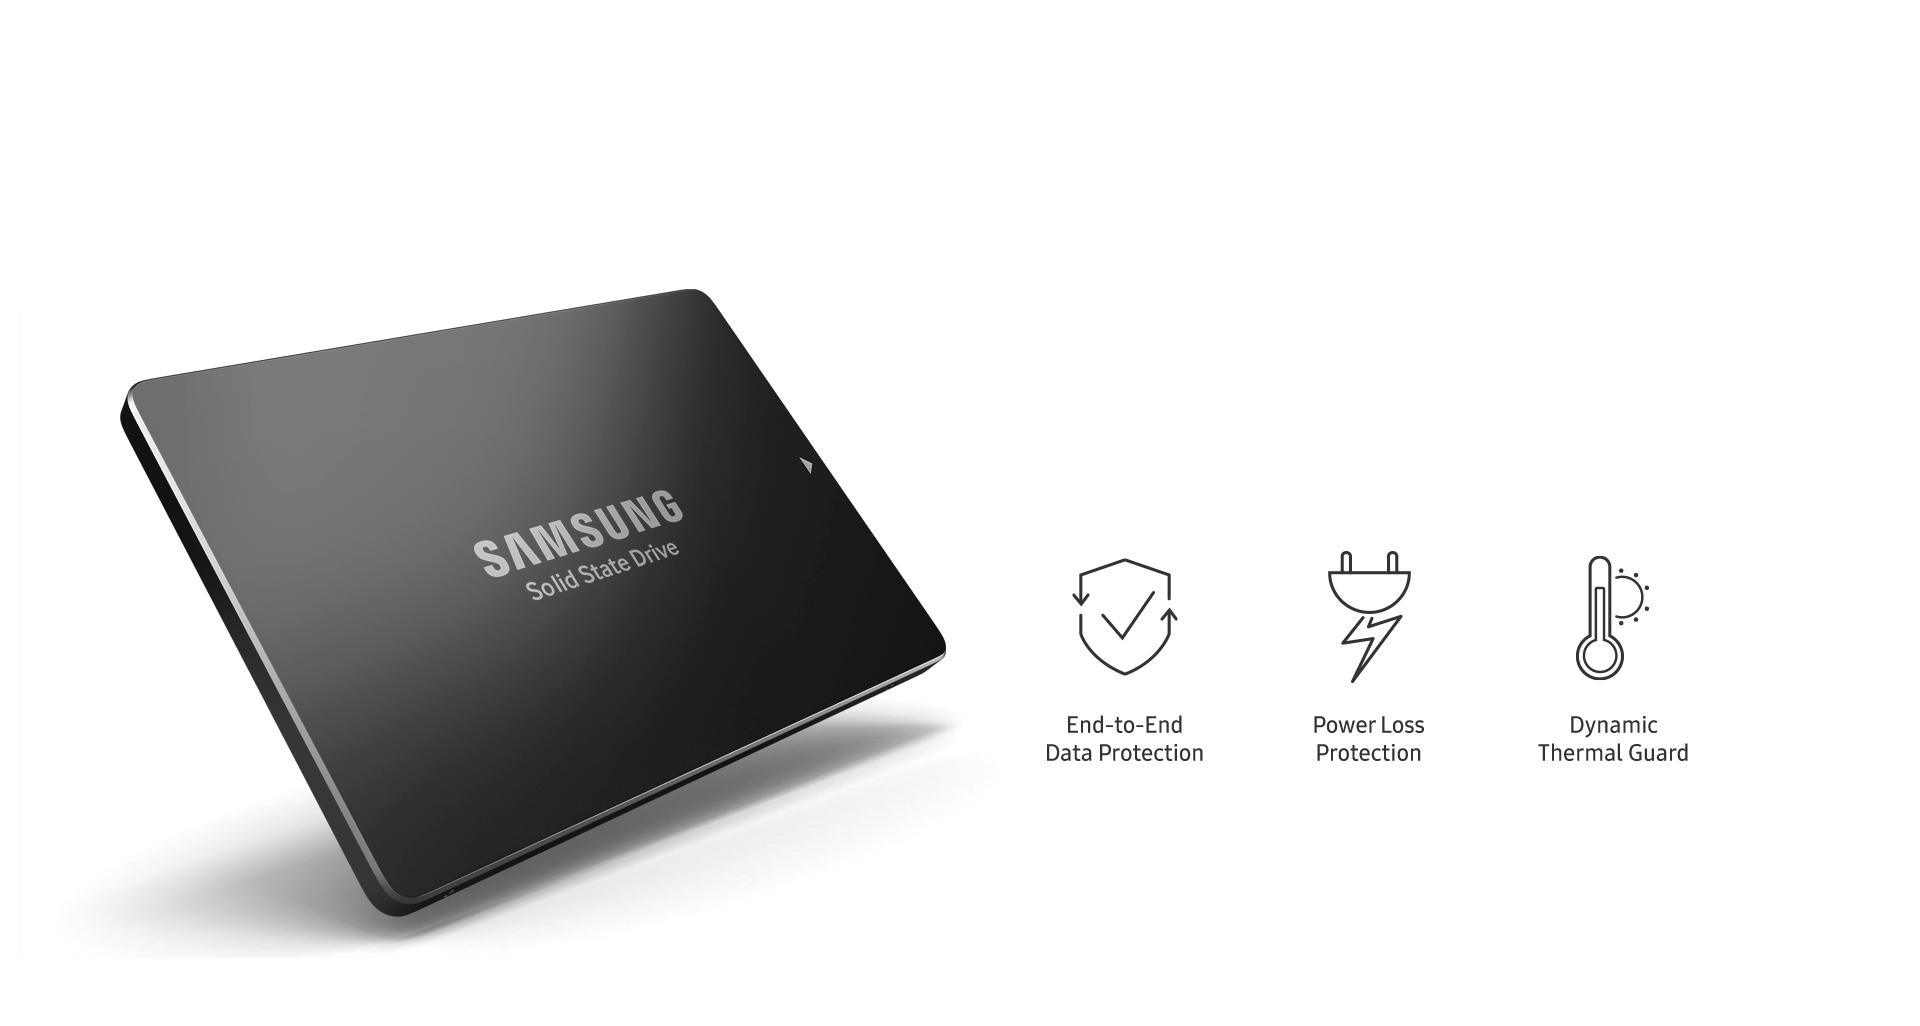 Samsung SSD SM863a 1.9TB